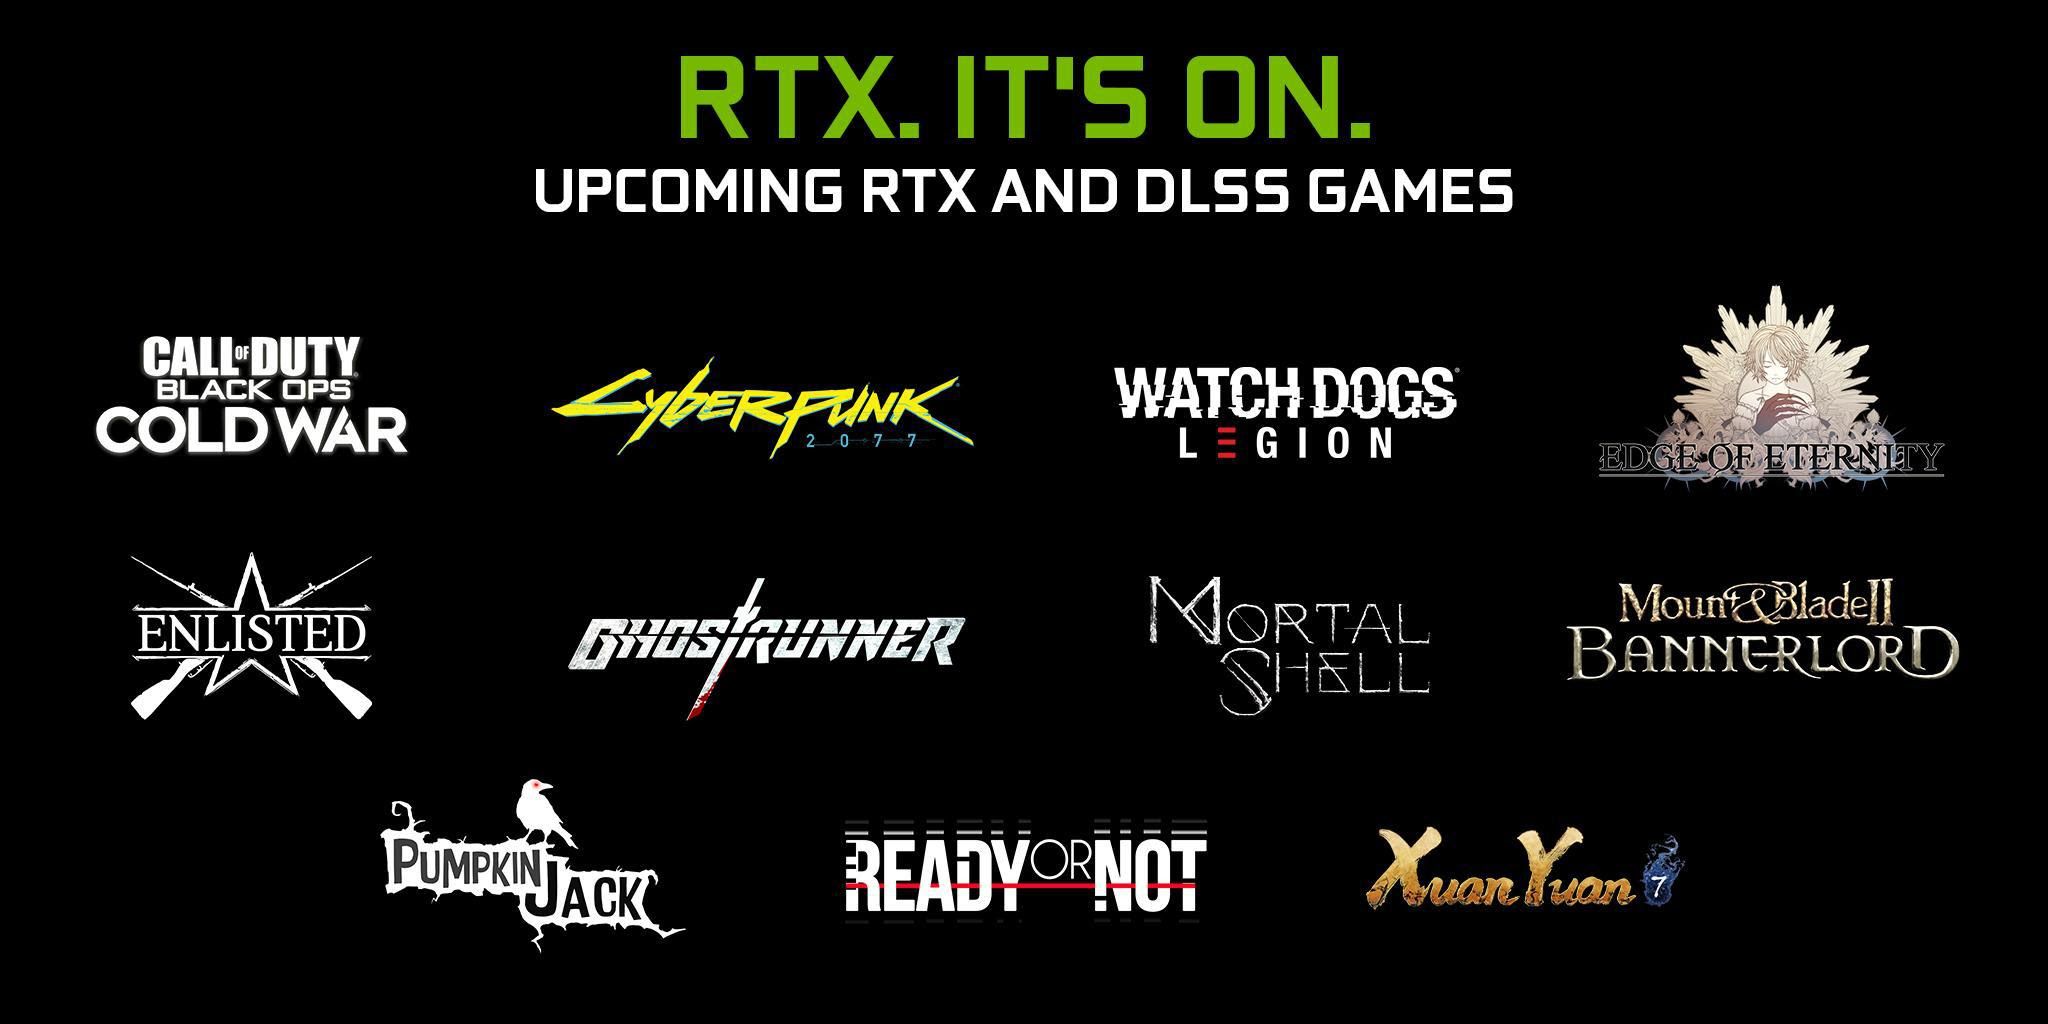 RTX ON: Dezenas de novos jogos recebem Ray Tracing e DLSS neste ano